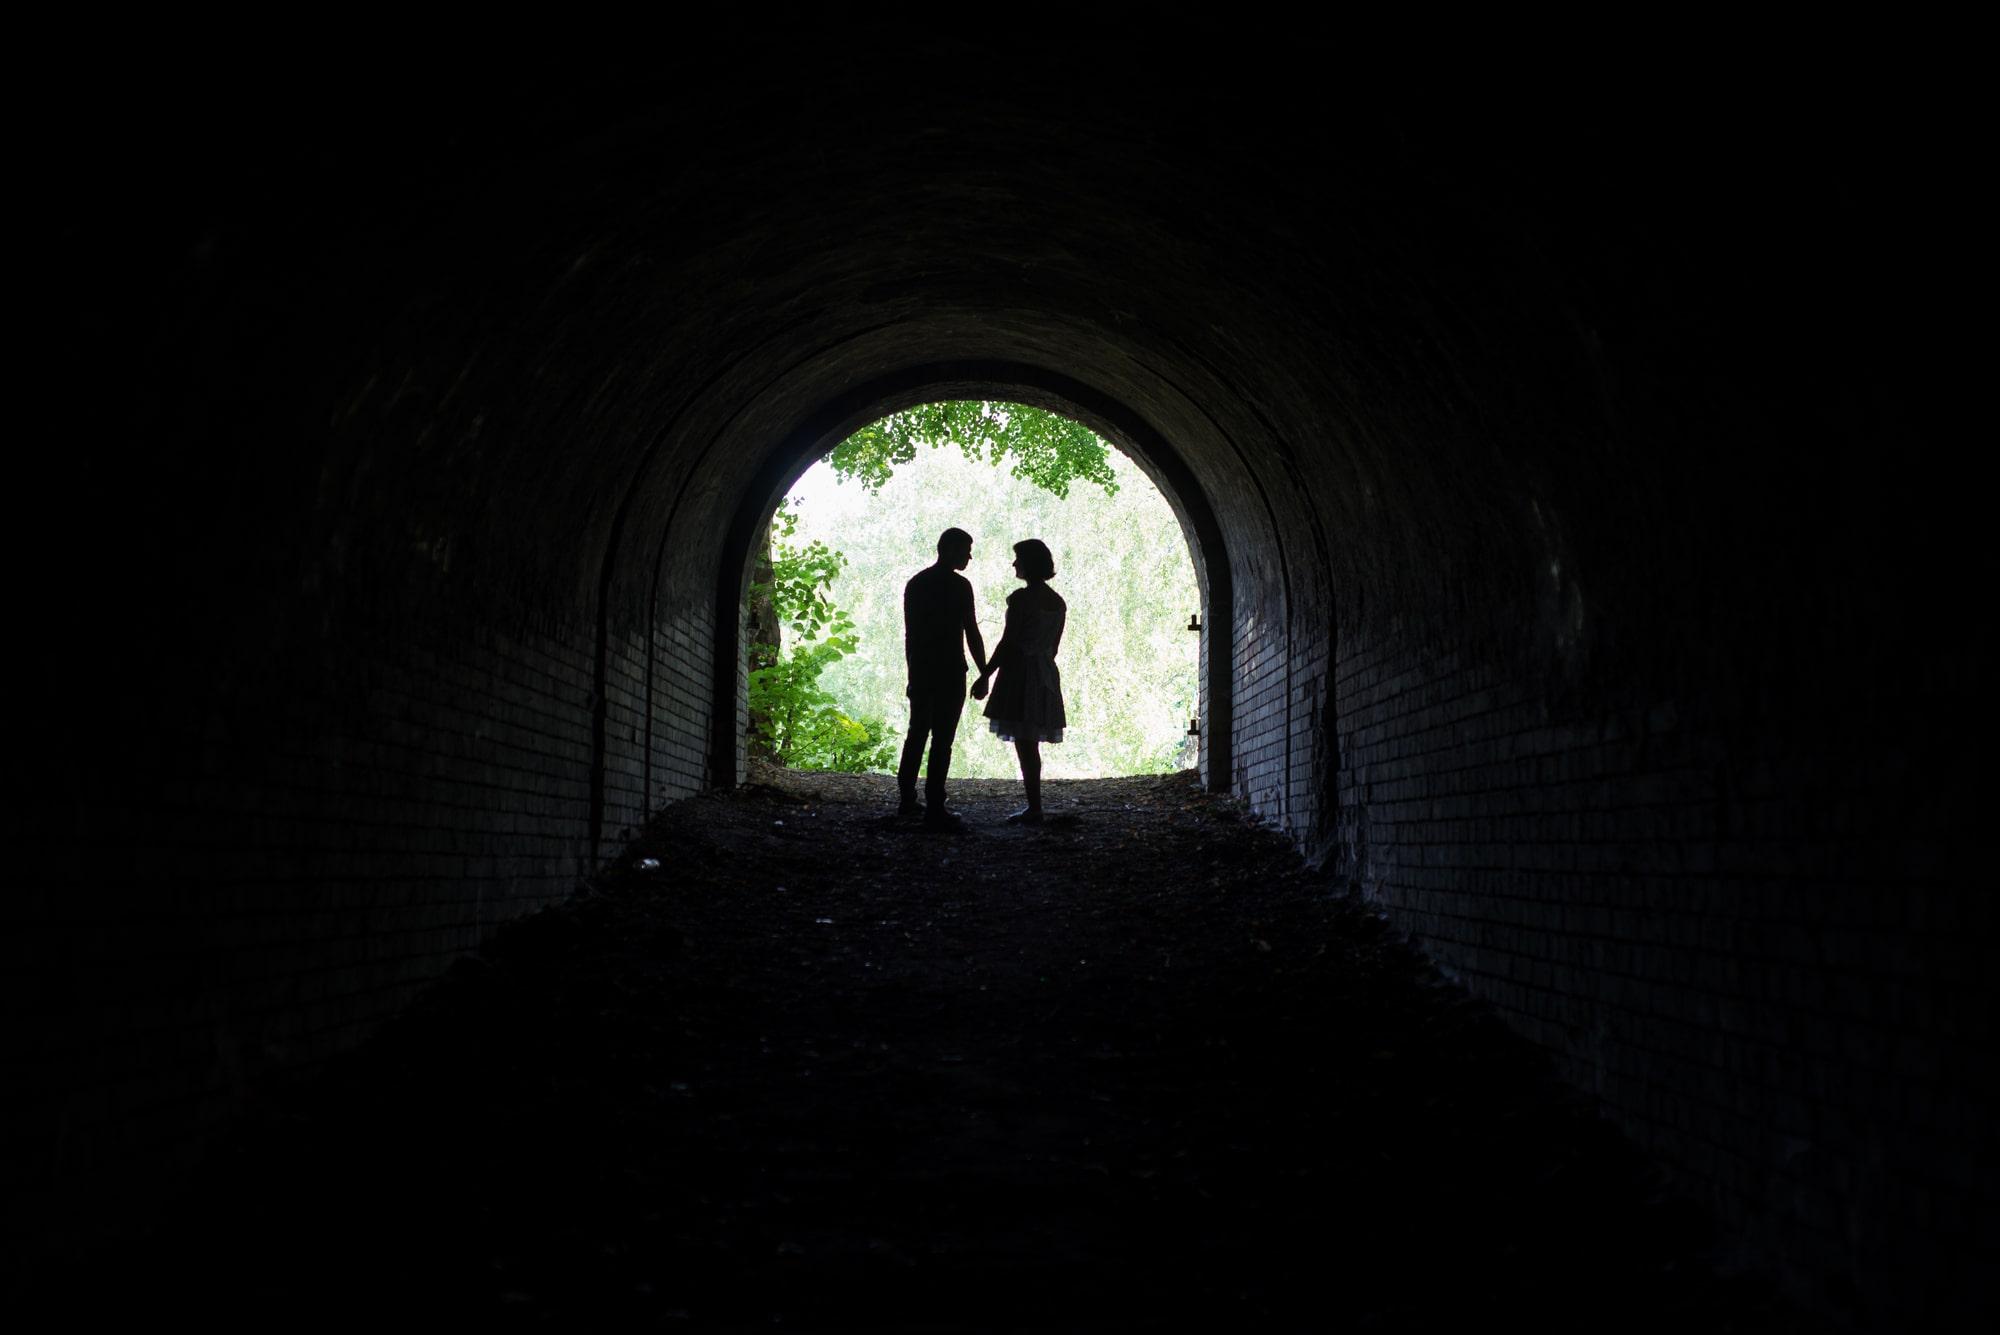 Фотосессия Love Story в Киеве в туннеле- Фотограф Женя Лайт